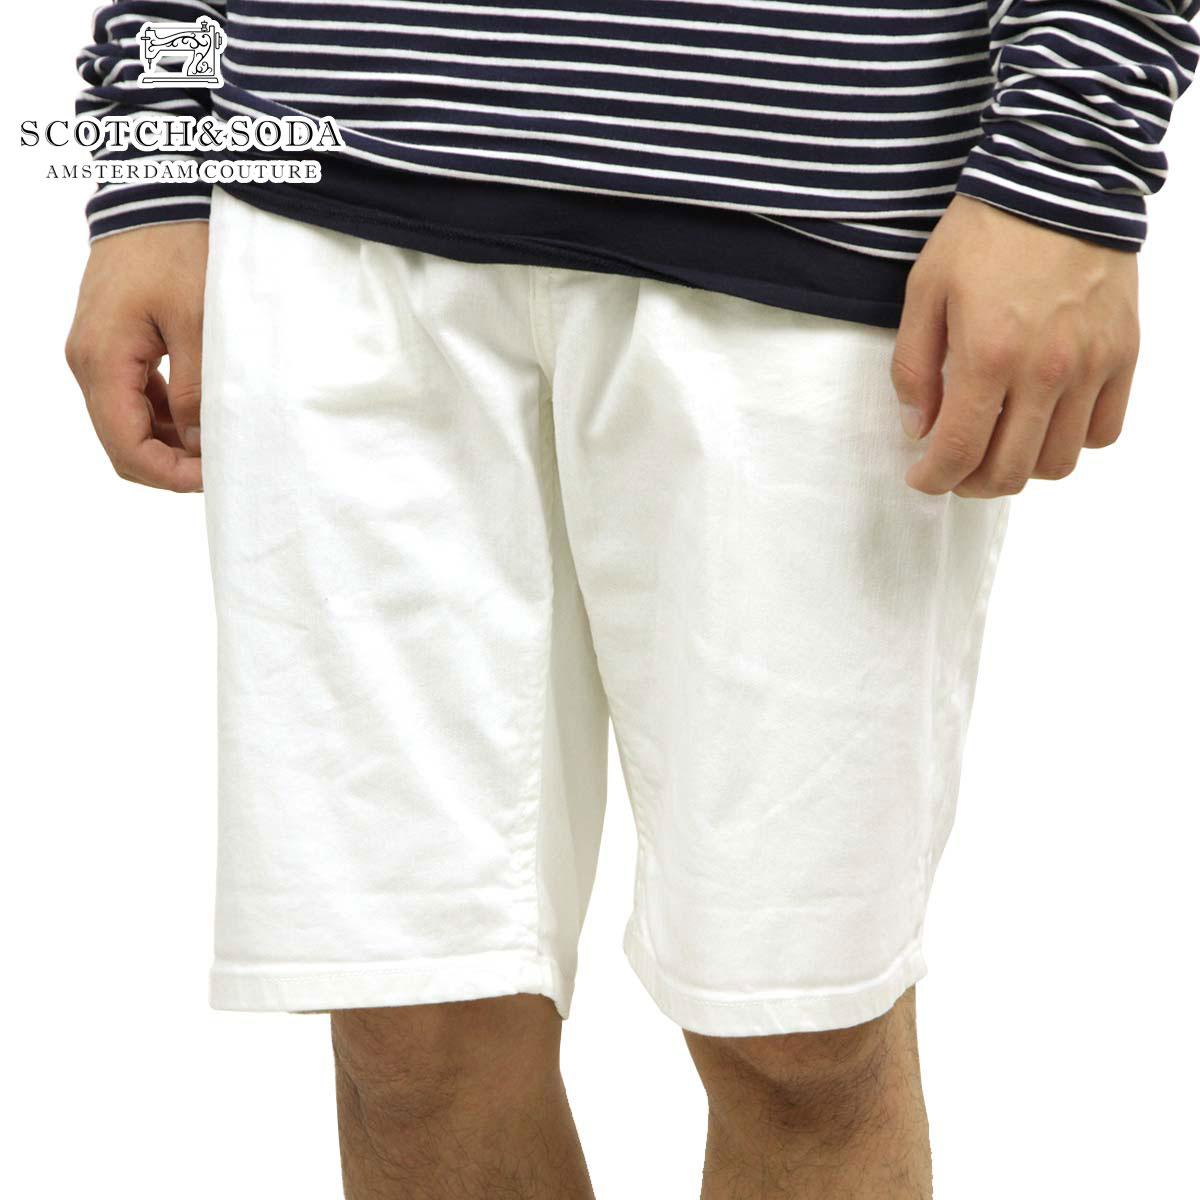 スコッチアンドソーダ SCOTCH&SODA 正規販売店 メンズ ショートパンツ Ralston Short-Optic White 128557 00 D00S15